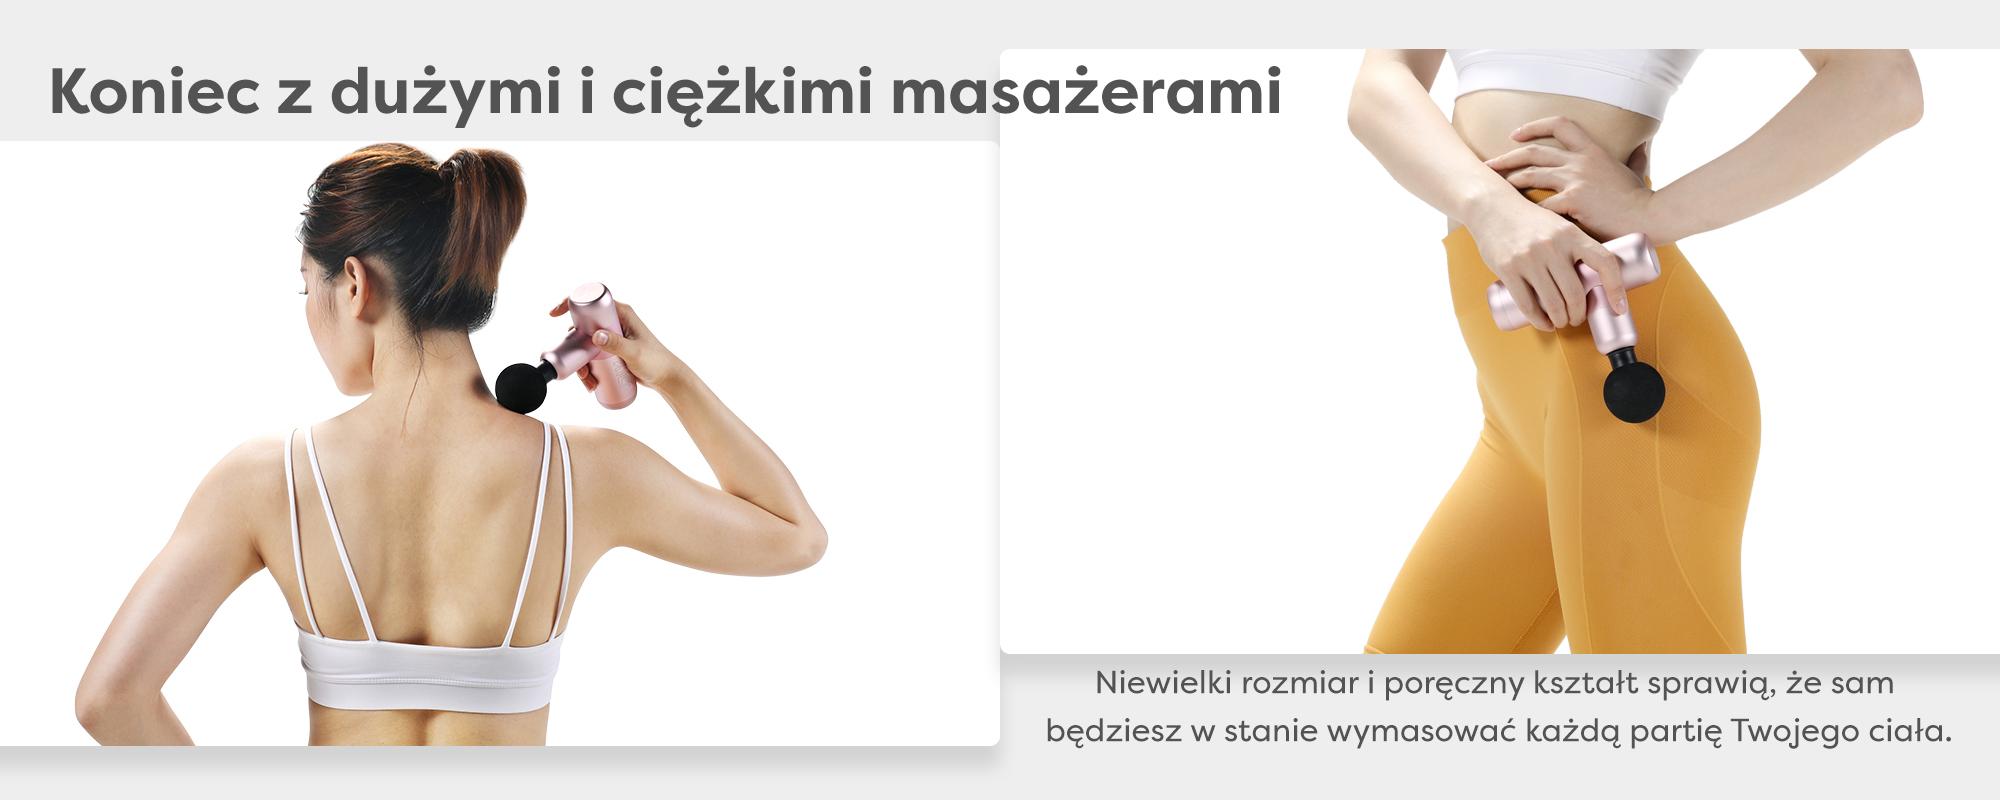 Grafika przedstawiająca kobietę używającą masażera. Niewielki rozmiar i poręczny chwyt umożliwia automasaż